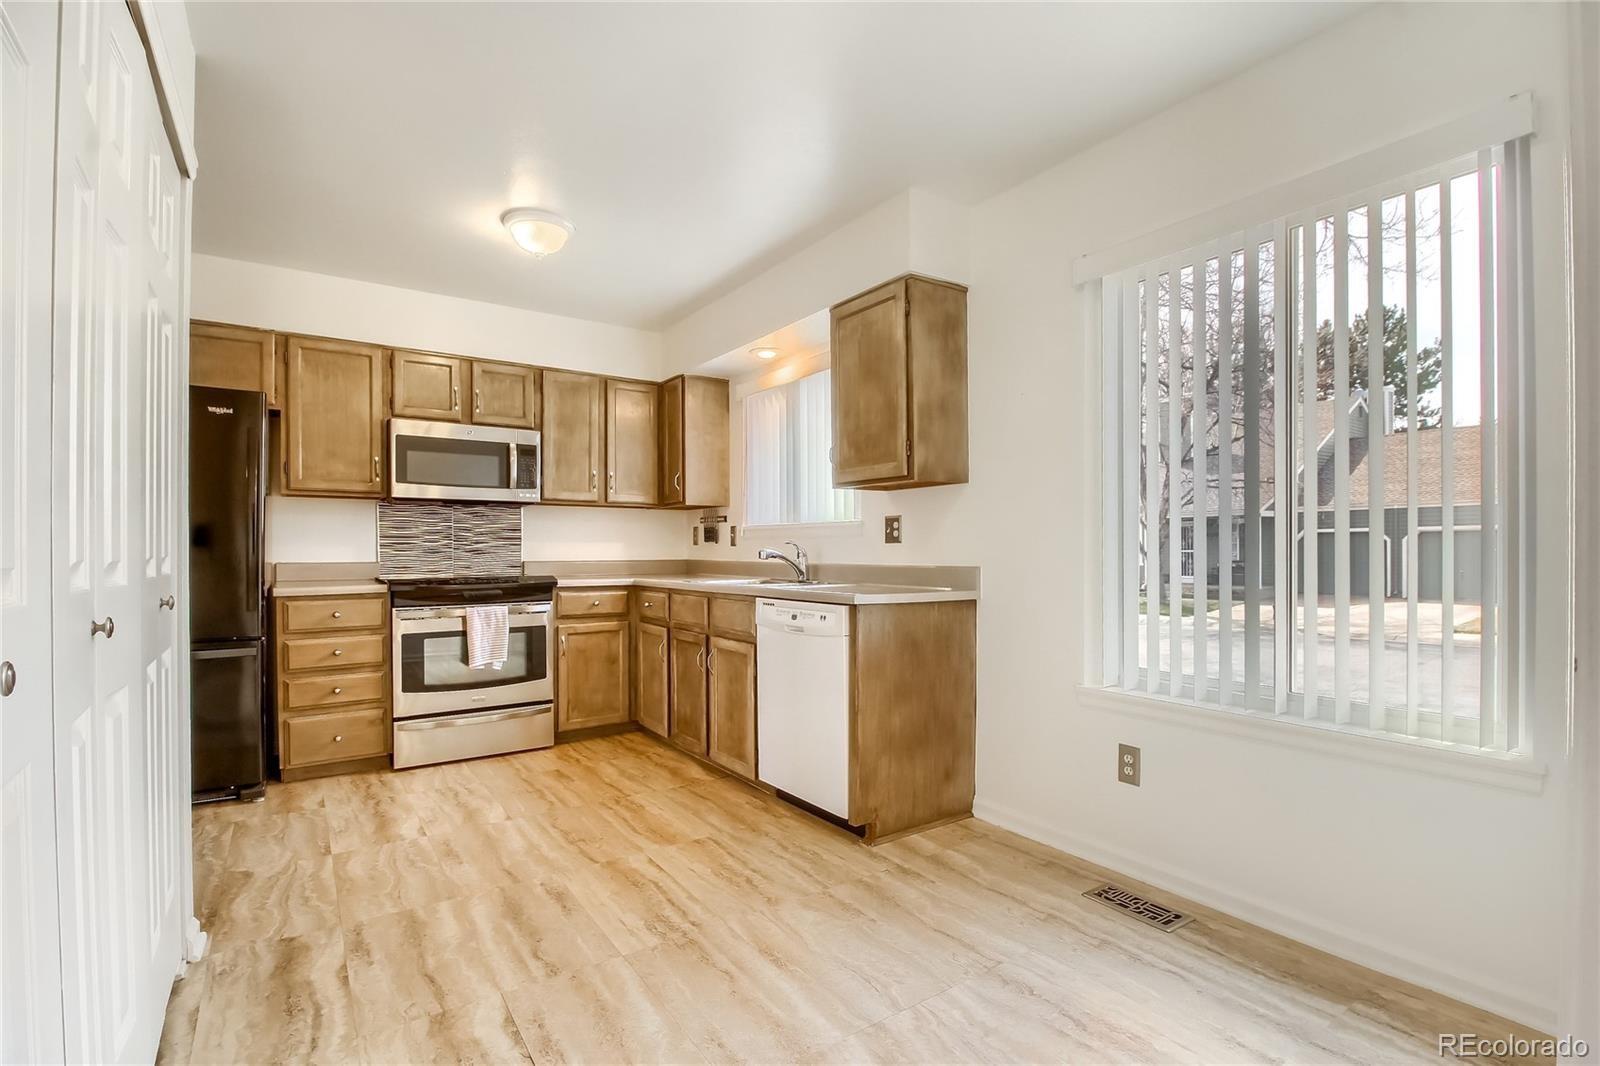 MLS# 5602217 - 12 - 4720 S Dudley Street #27, Denver, CO 80123